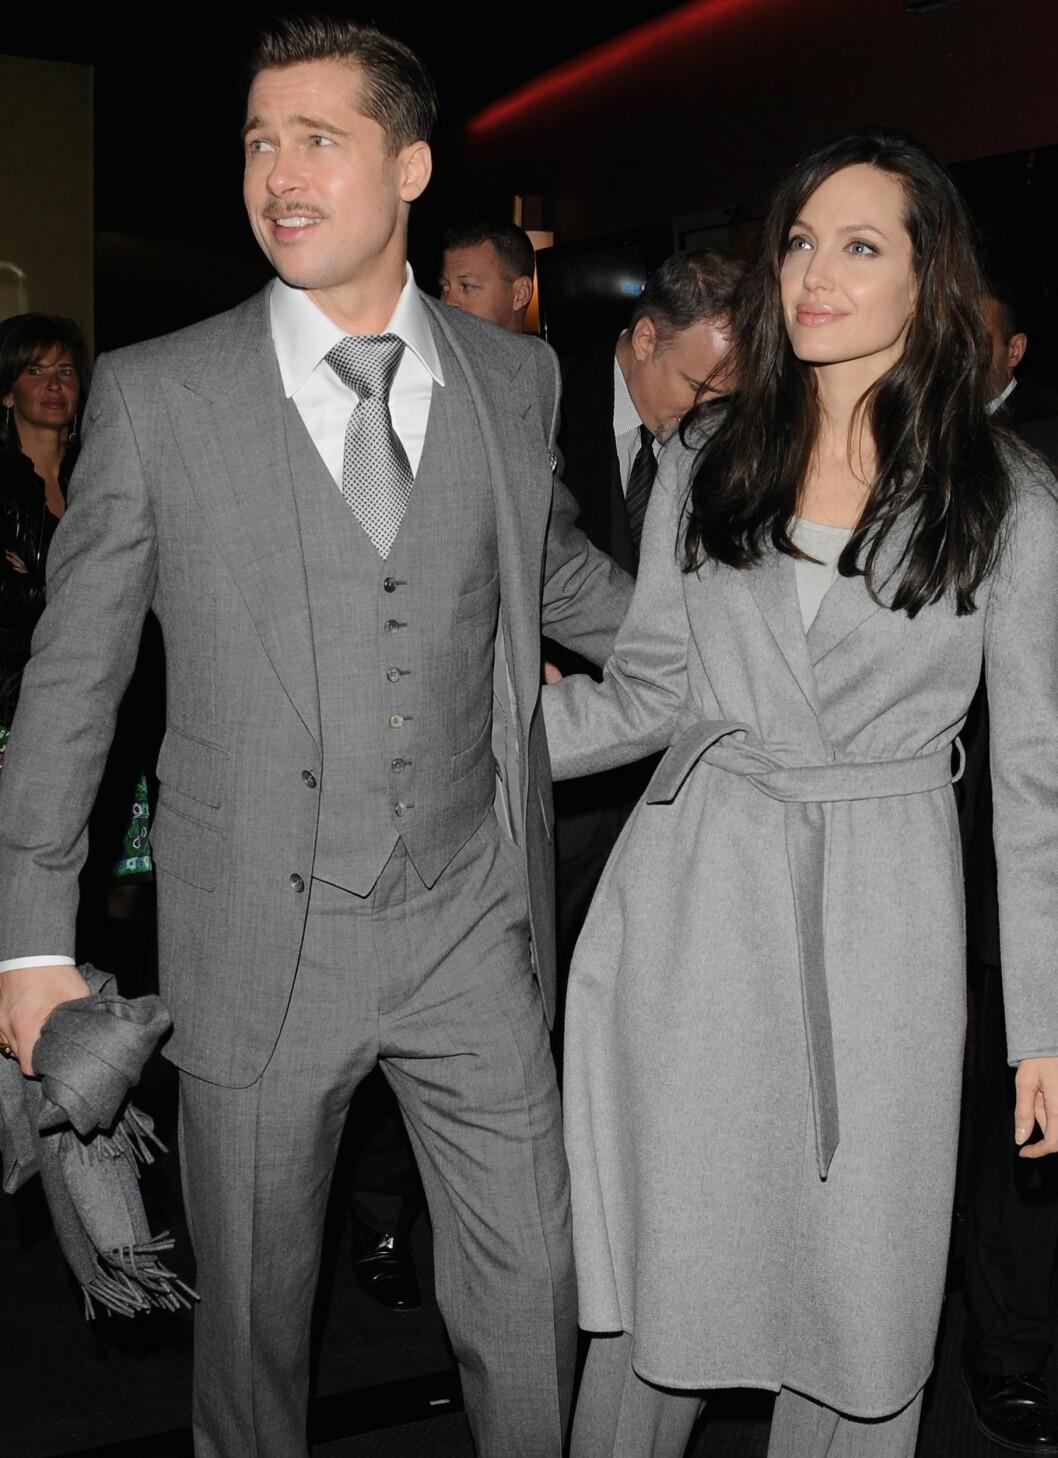 Brad Pitt og Angelina Jolie kjører her begge en grå gentleman-stil. Han i skjorte og dress, hun i dressbukse og trenchcoat.  Foto: All Over Press